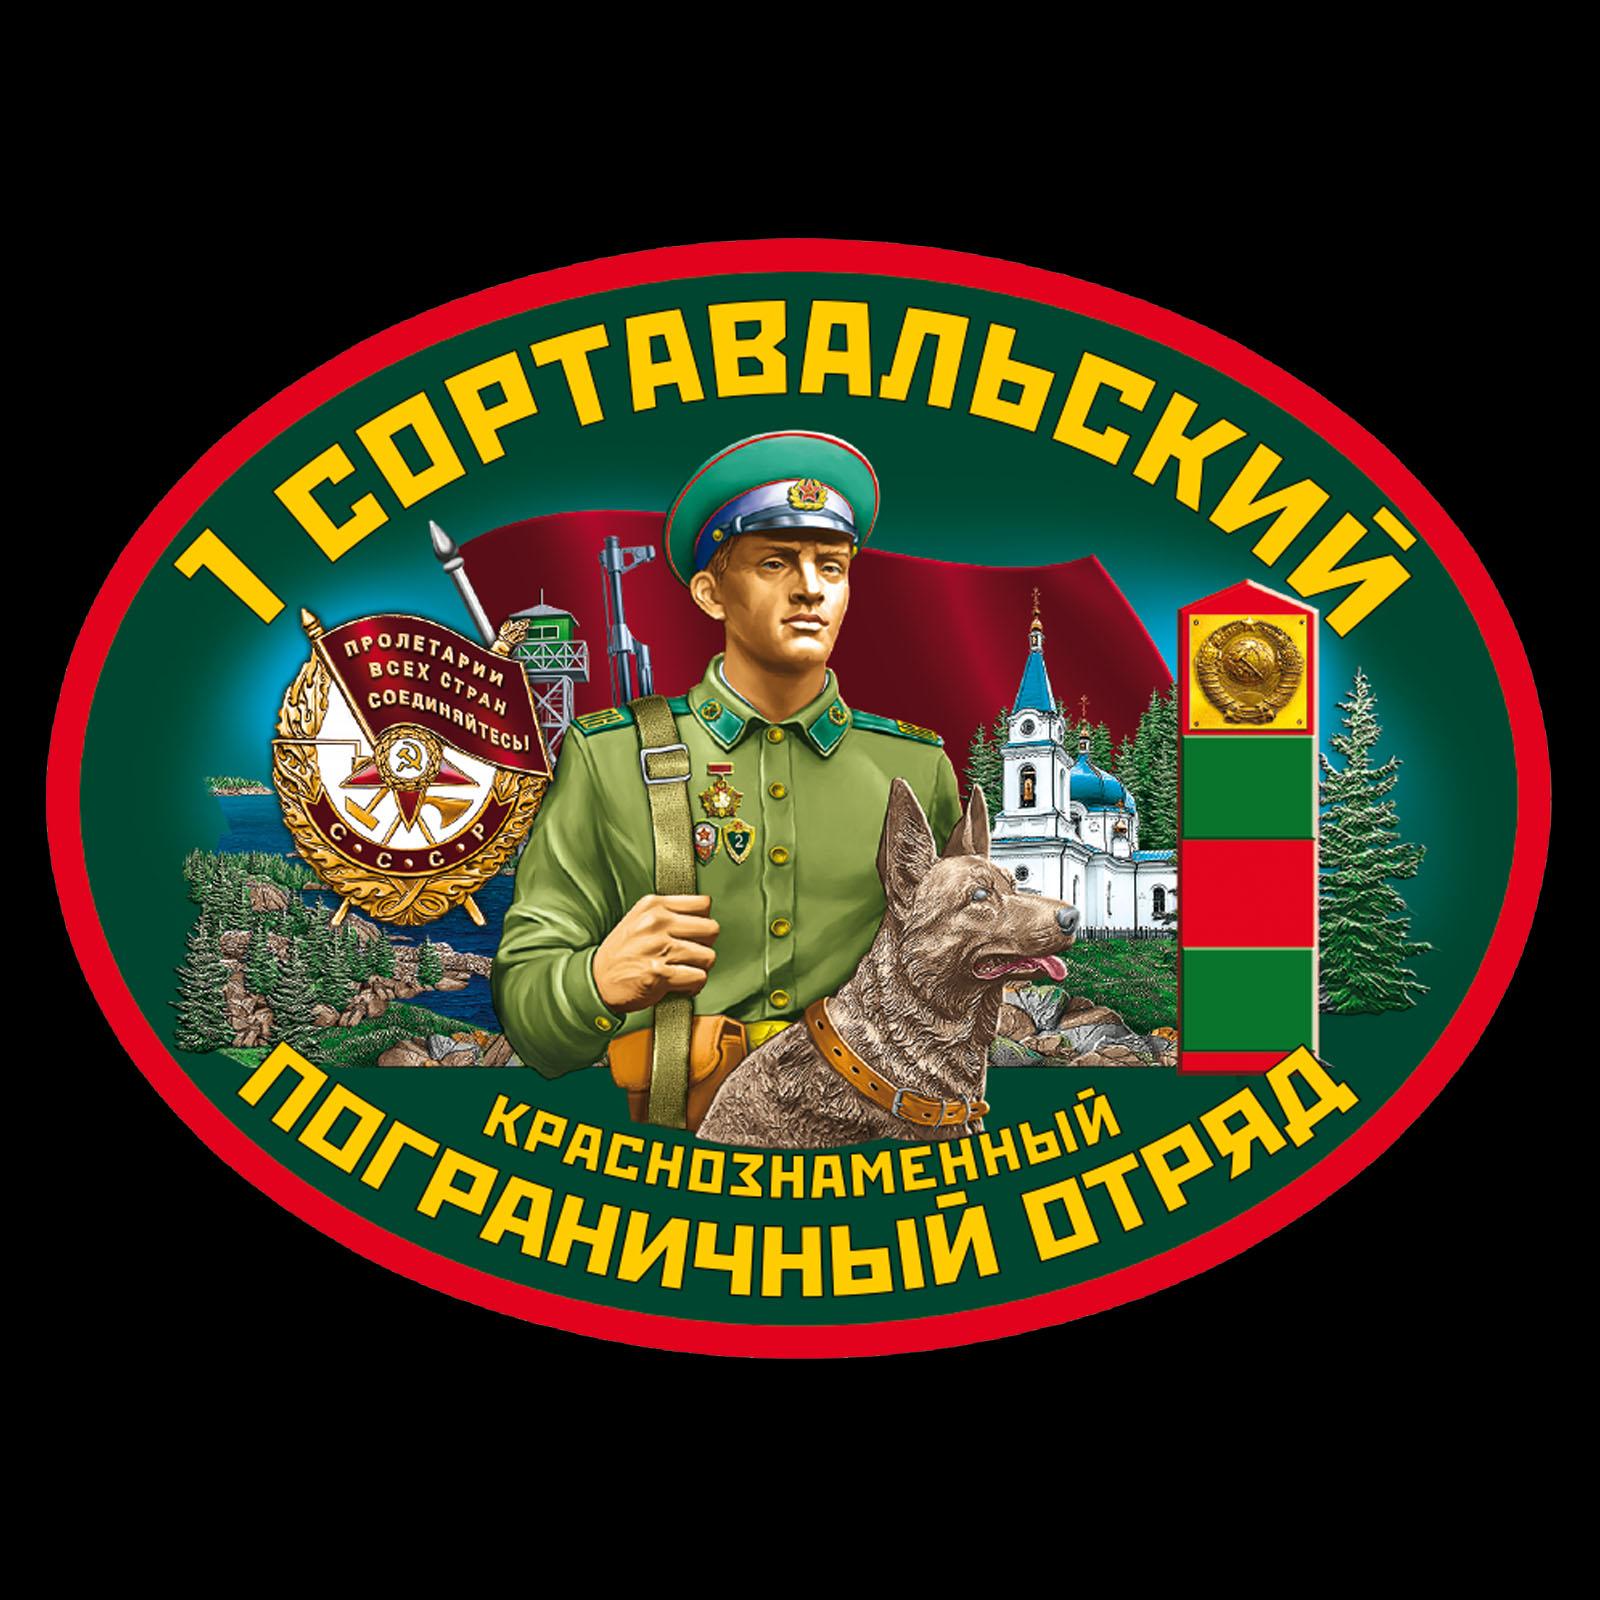 Классическая футболка 1-й Сортавальский пограничный отряд